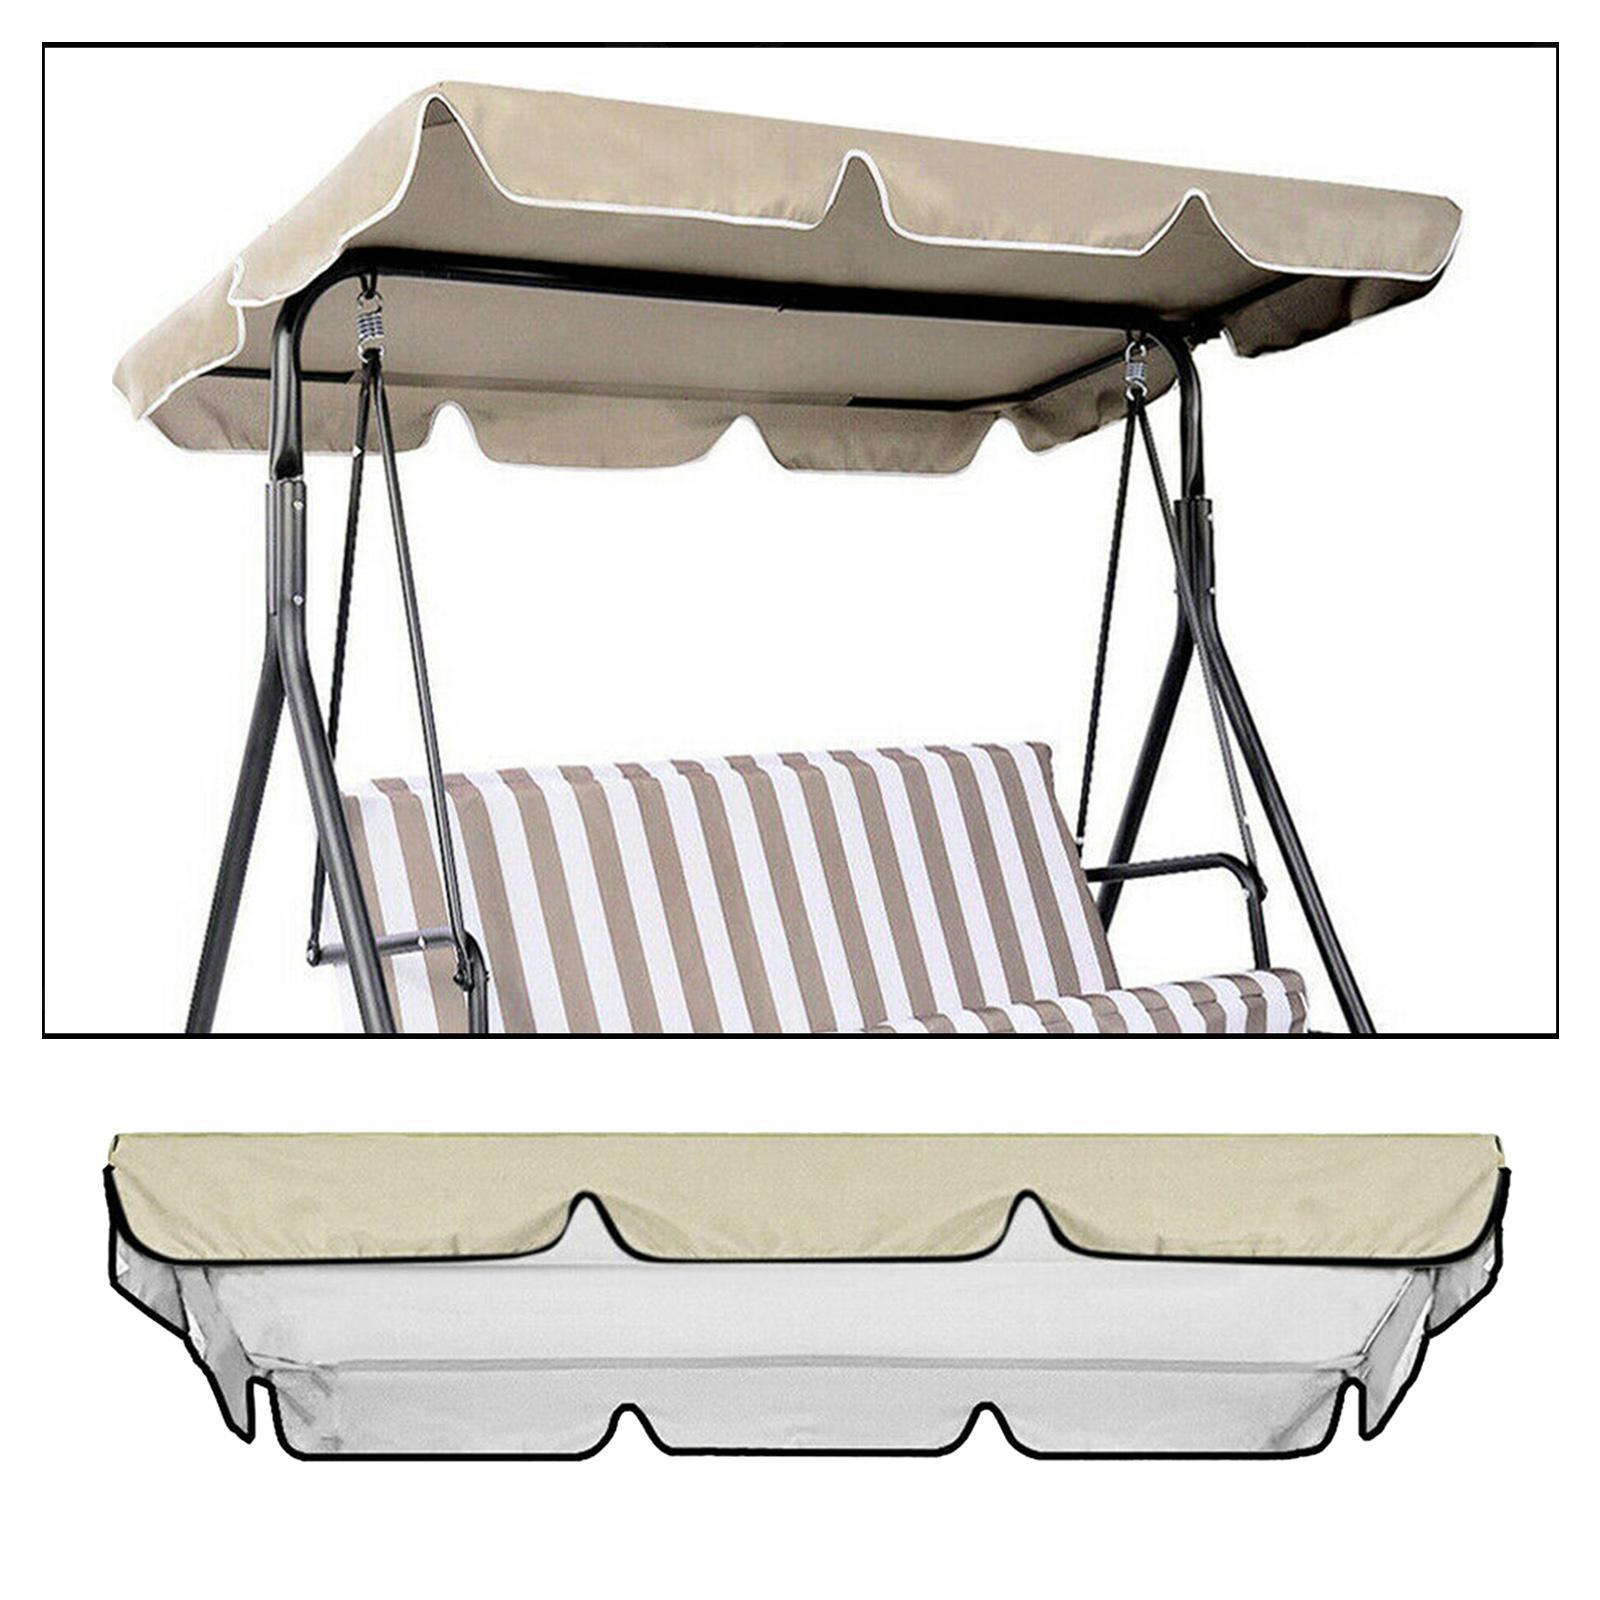 miniatura 25 - Copertura superiore della sedia a dondolo da giardino per esterni con